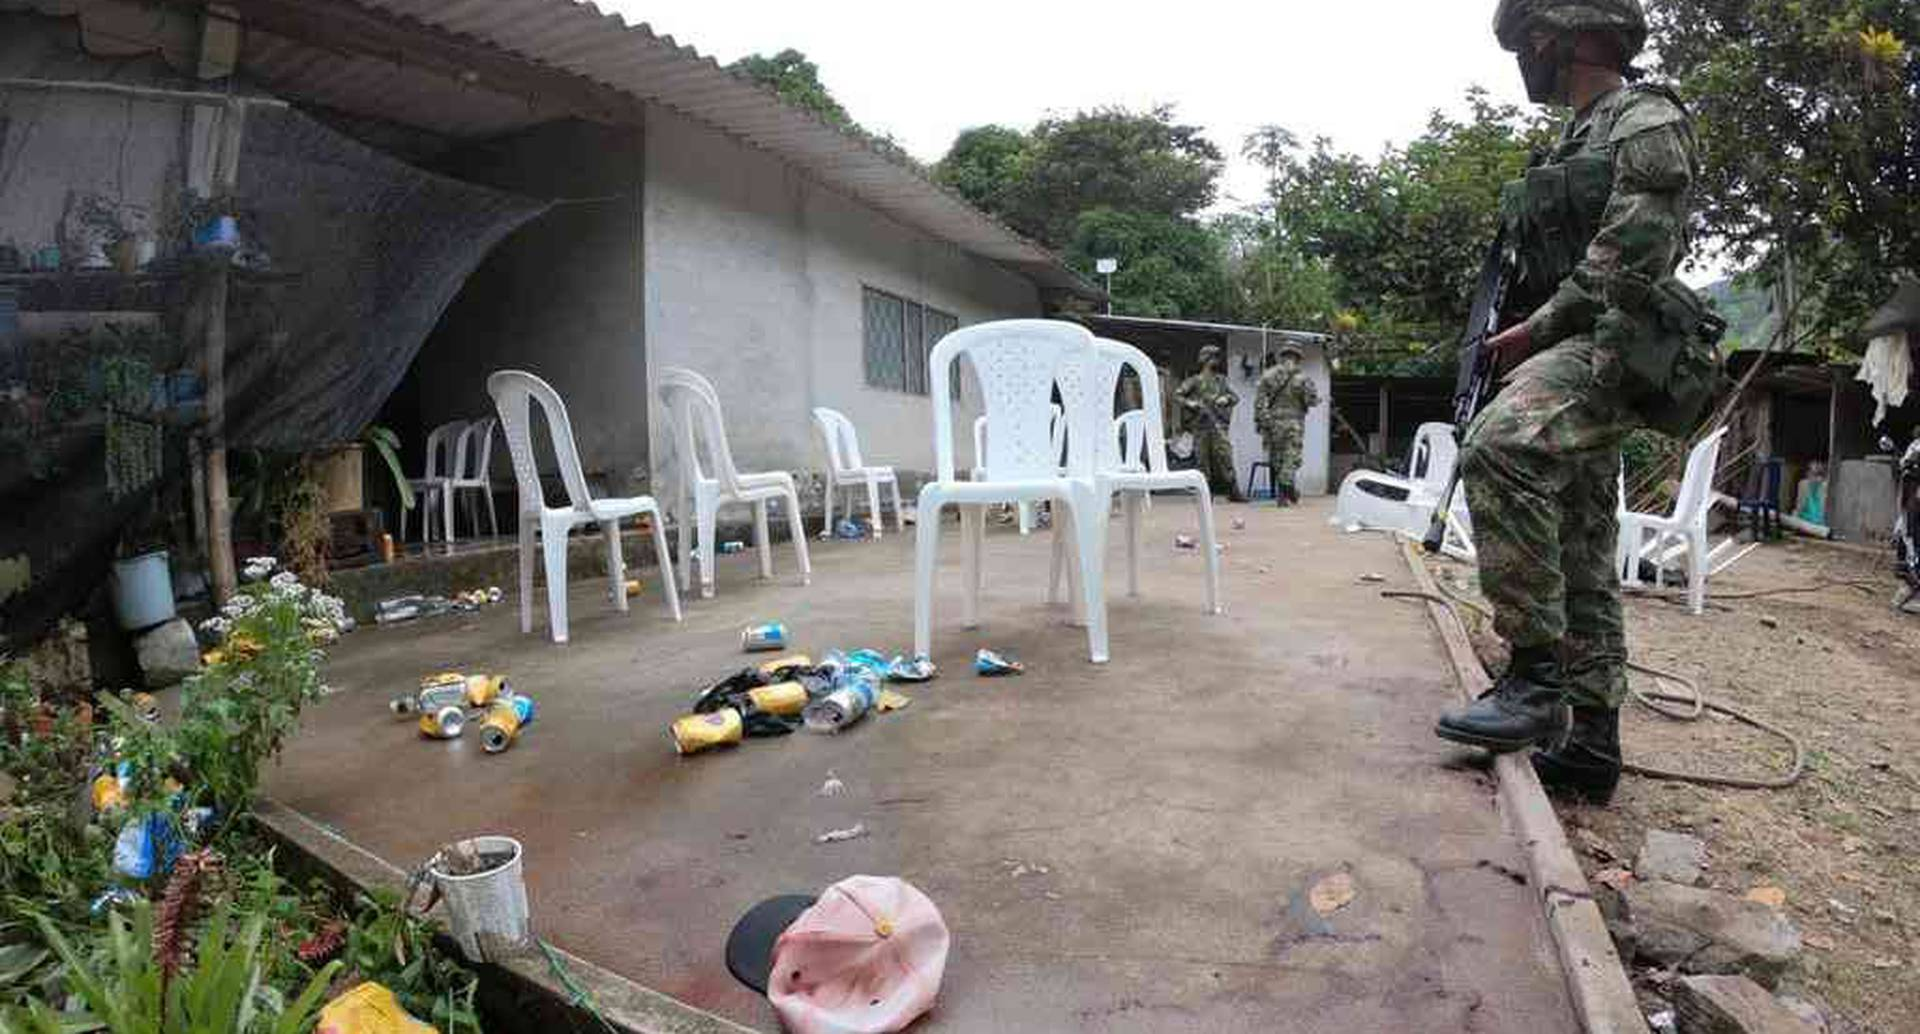 Fotos de las masacres en Nariño, Tumaco, Cauca y Arauca que sacuden al país